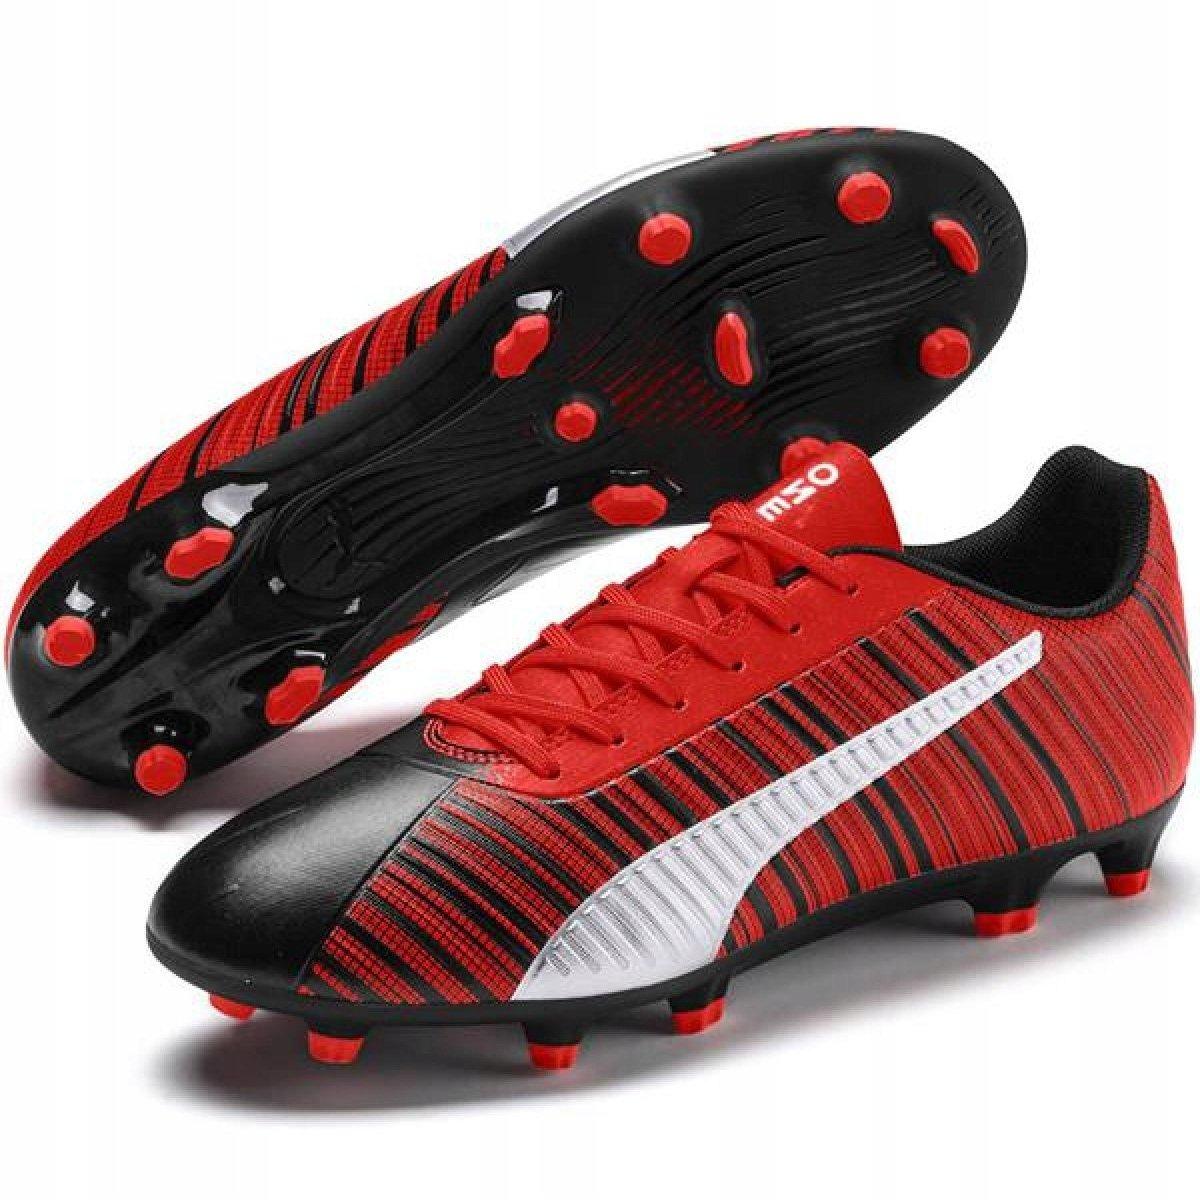 Buty piłkarskie Puma One 5.4 Fg Ag M 105605 01 czerwone czarny, czerwony